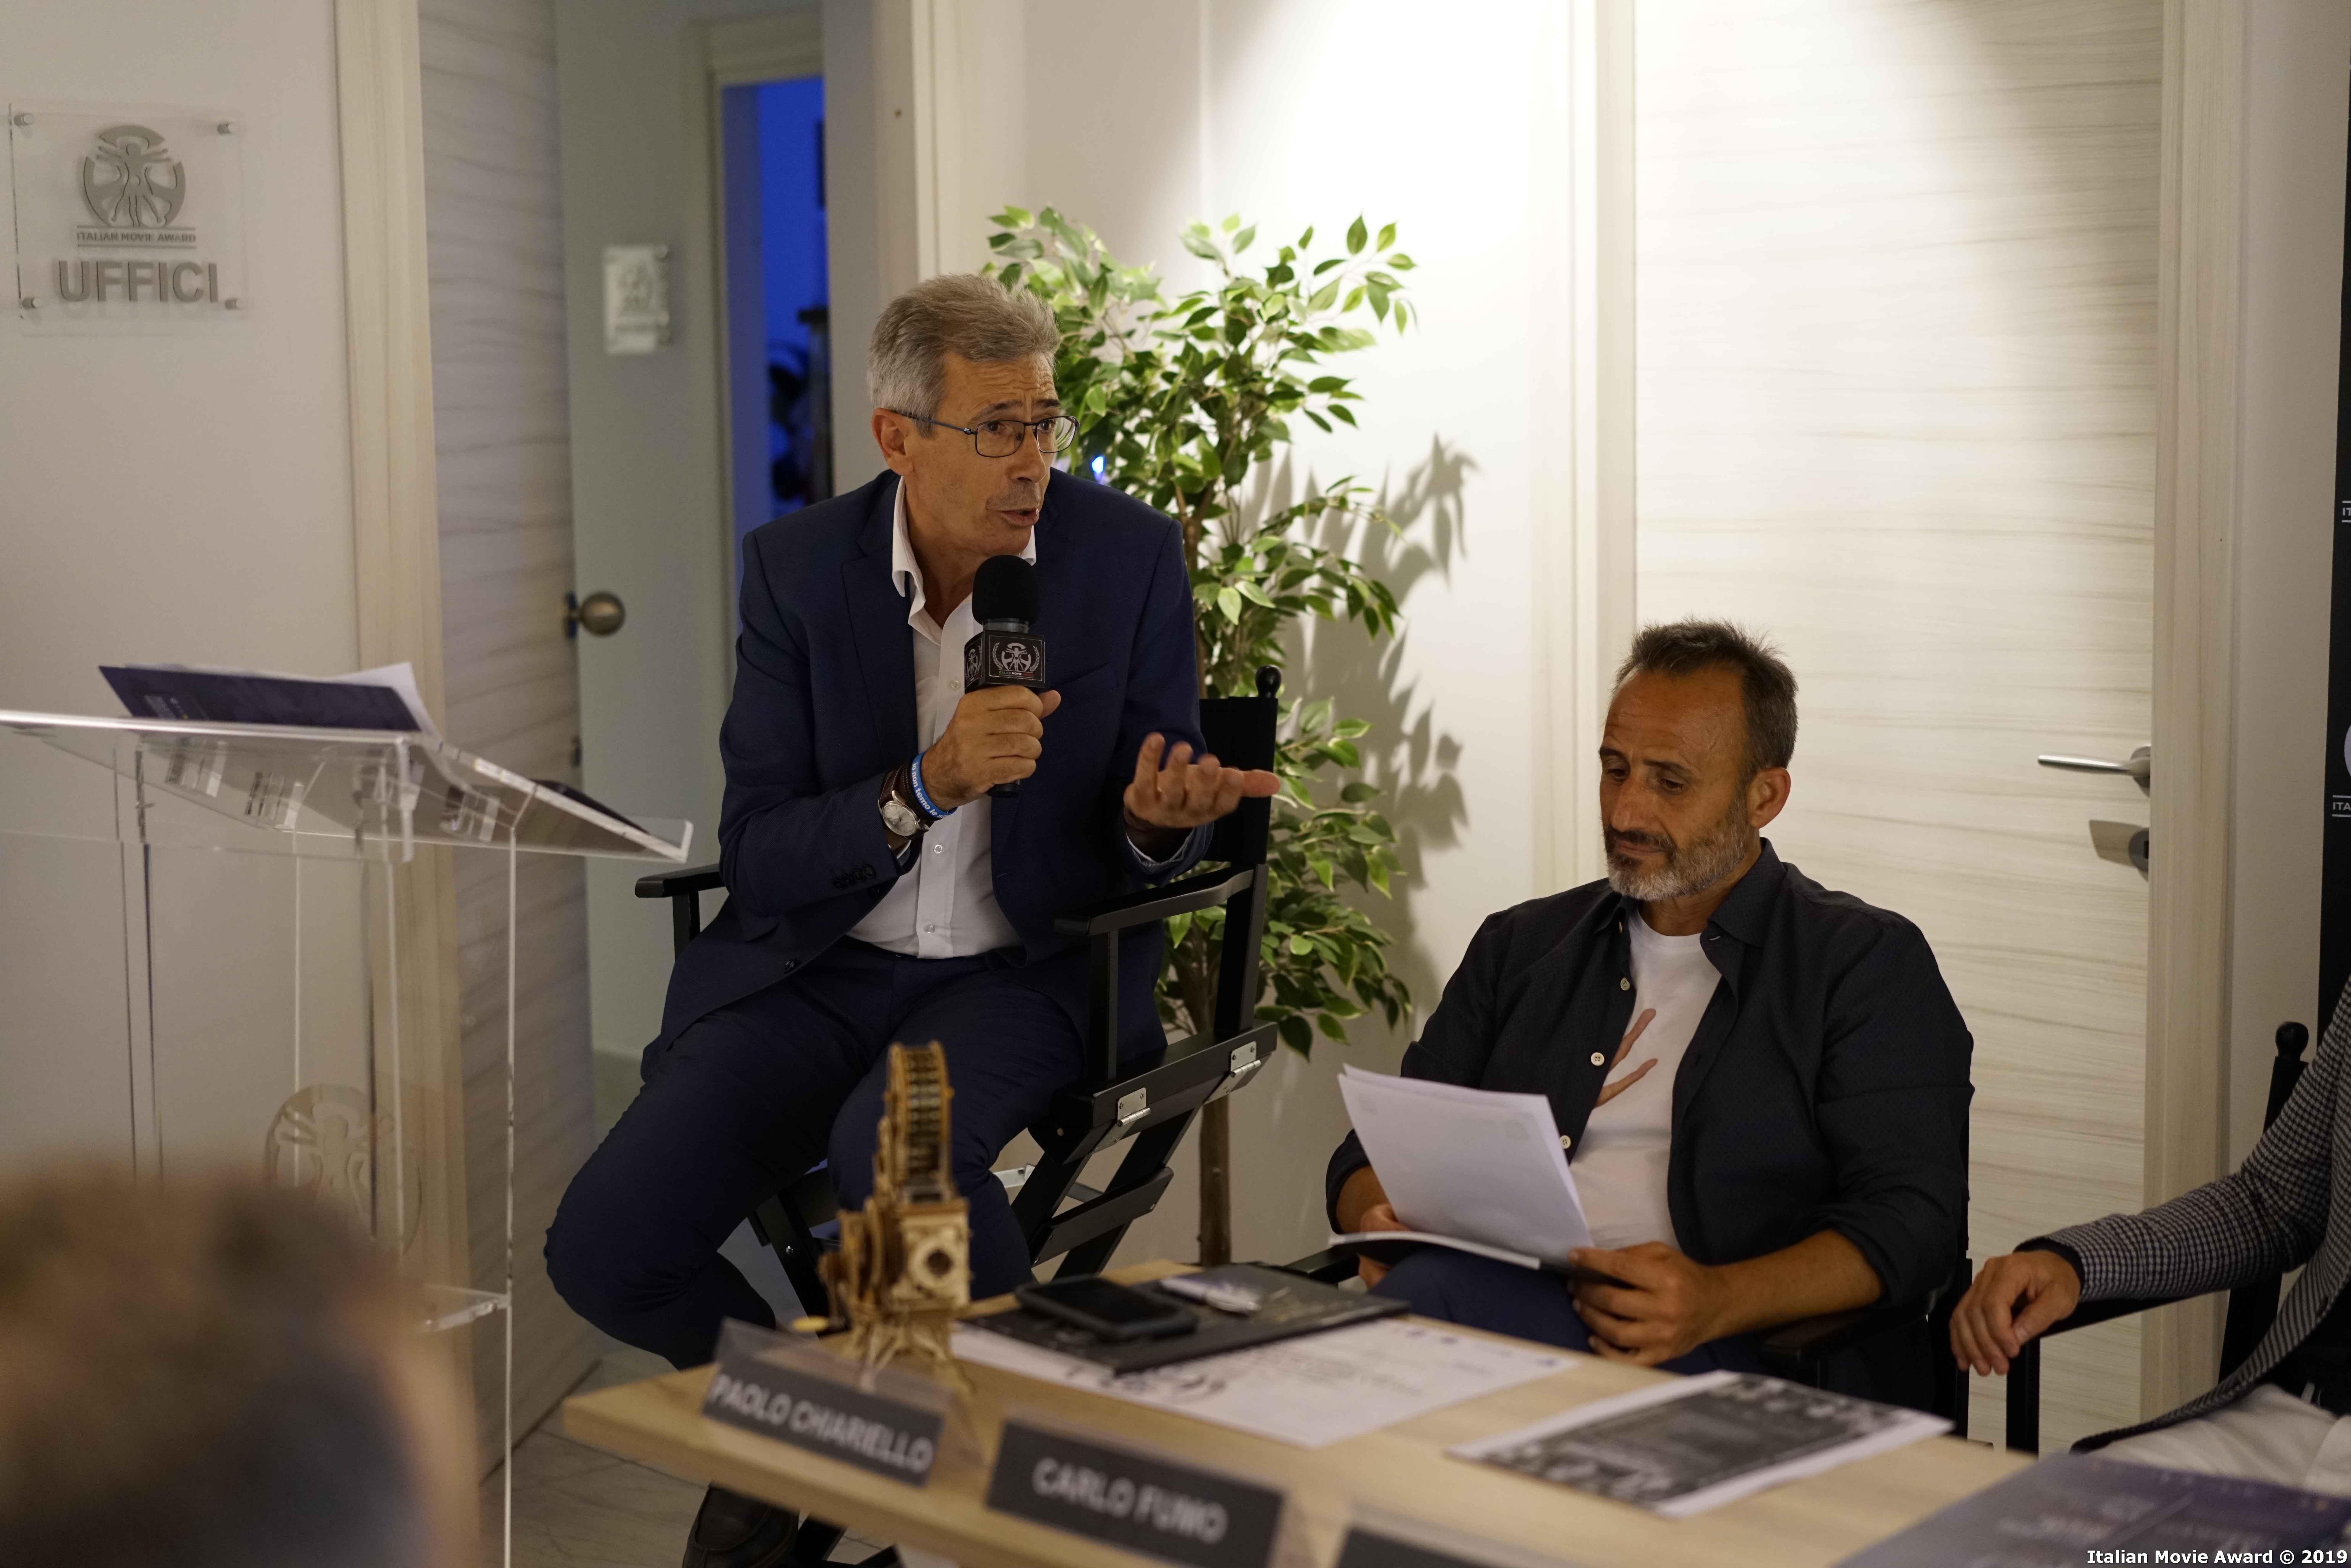 italian_movie_award_2019_conferenza_1_27